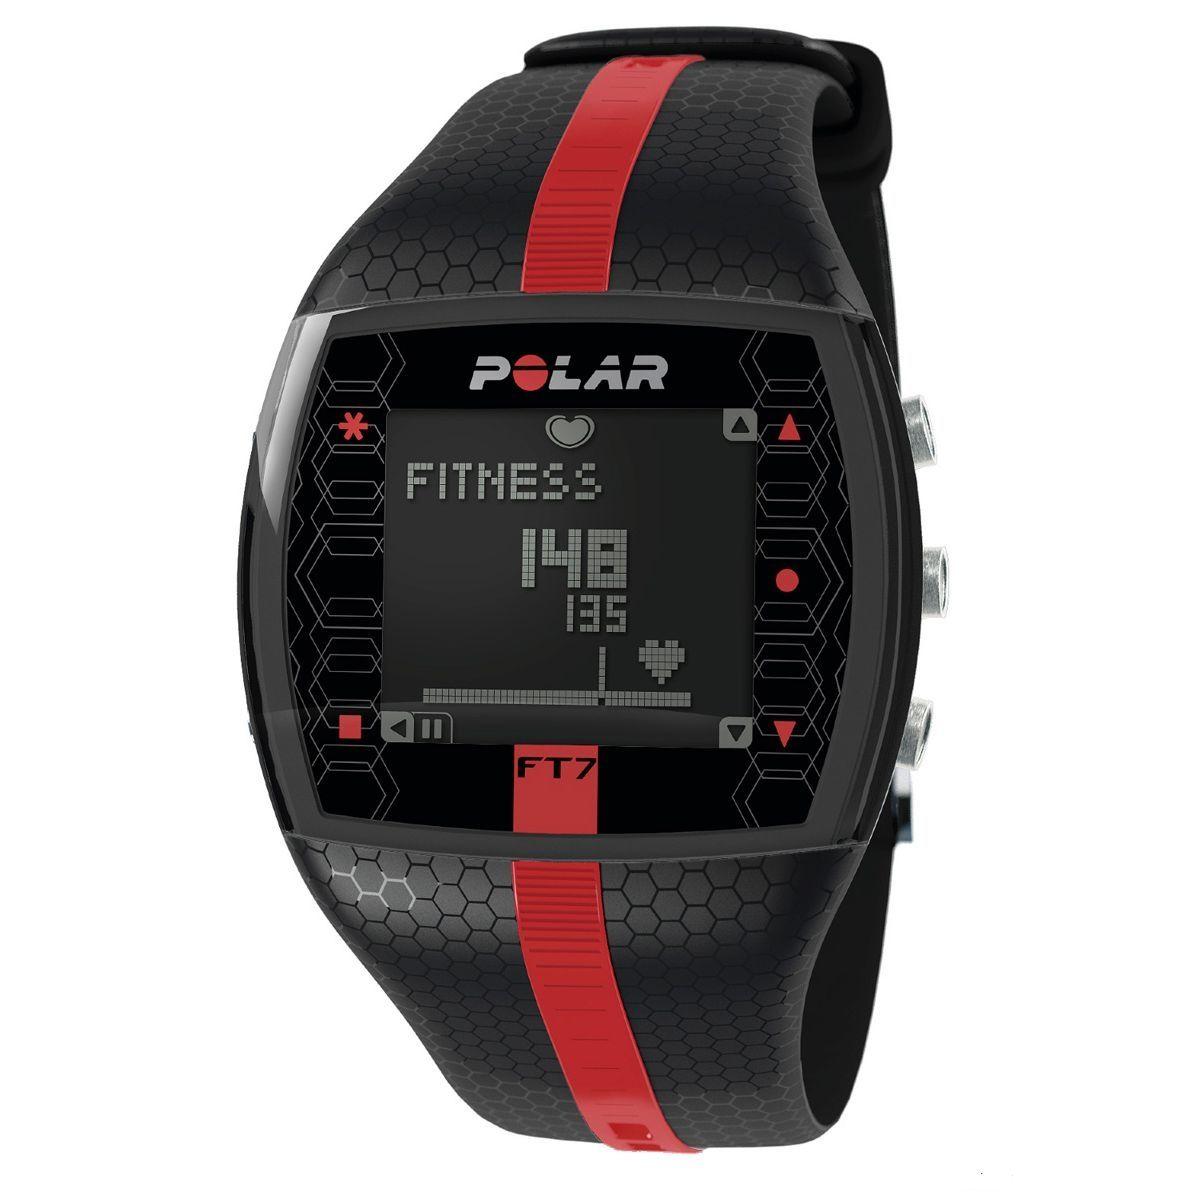 Desconto de R$ 150 em Monitores cardíacos Polar acima de R$ 375 na Dafiti Sports